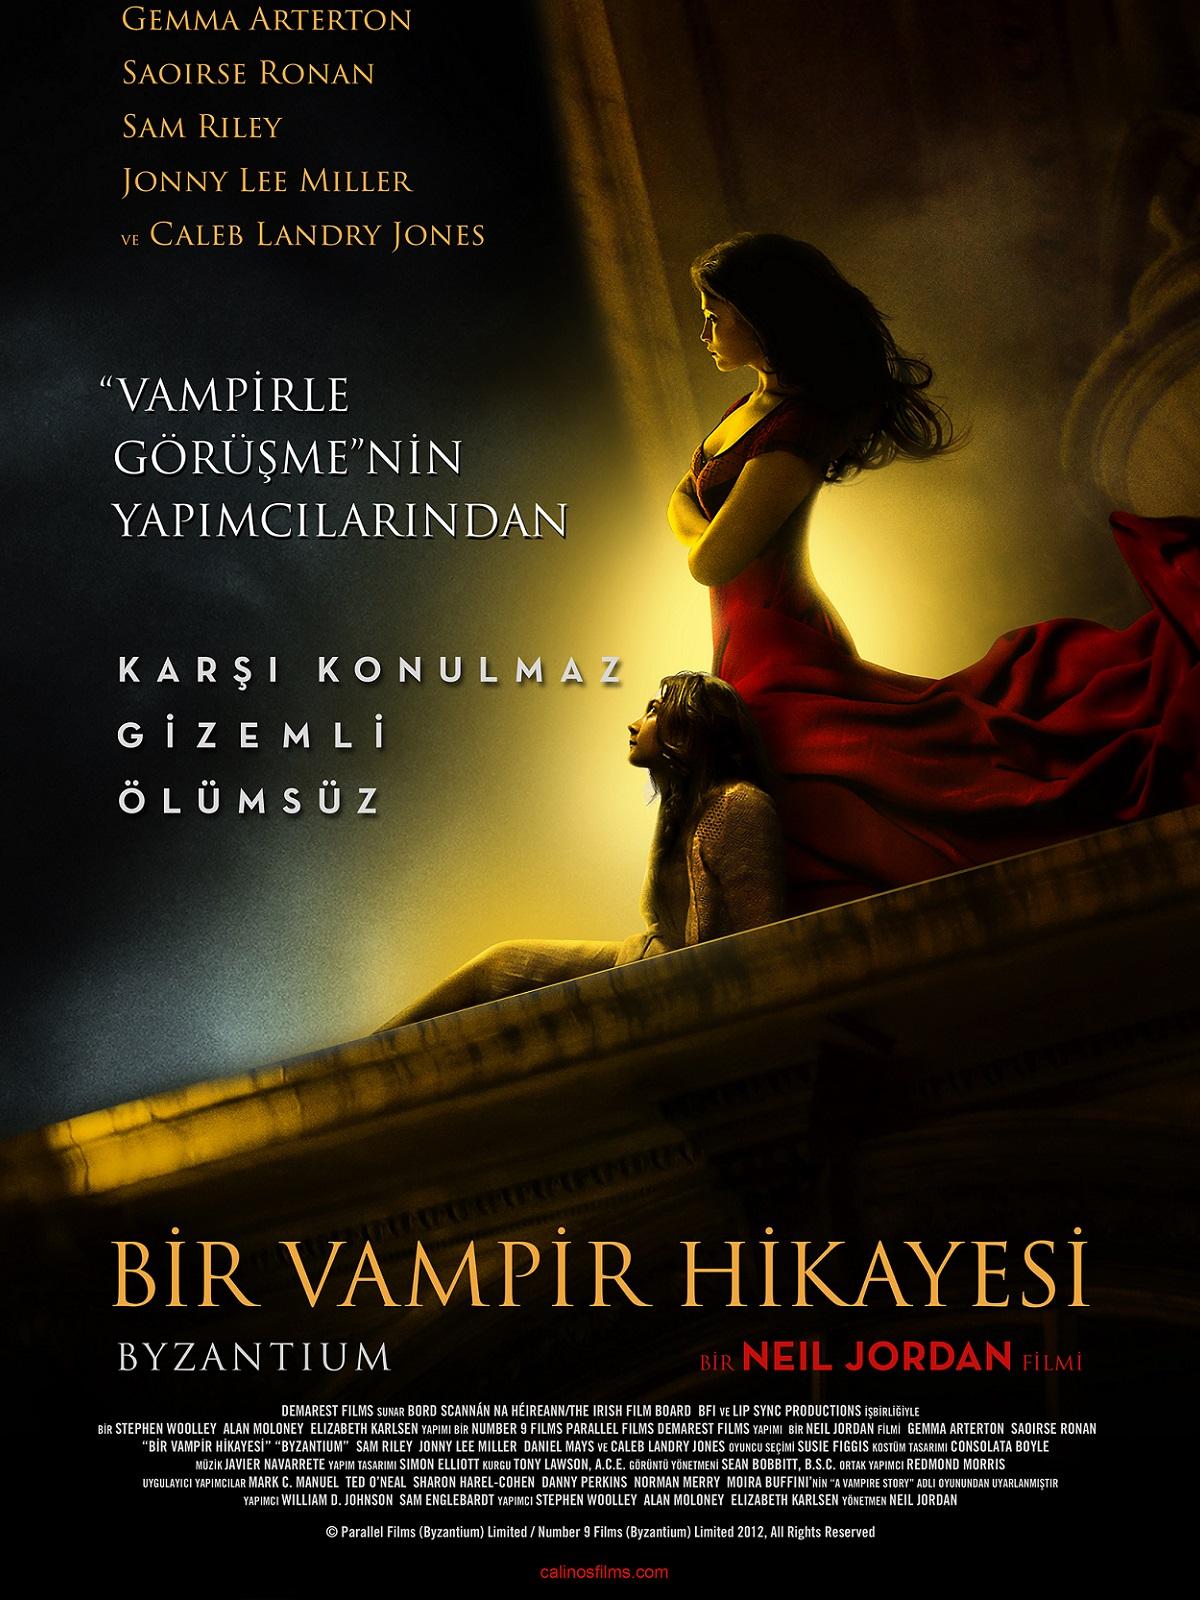 vampir hikayeleri ile ilgili görsel sonucu